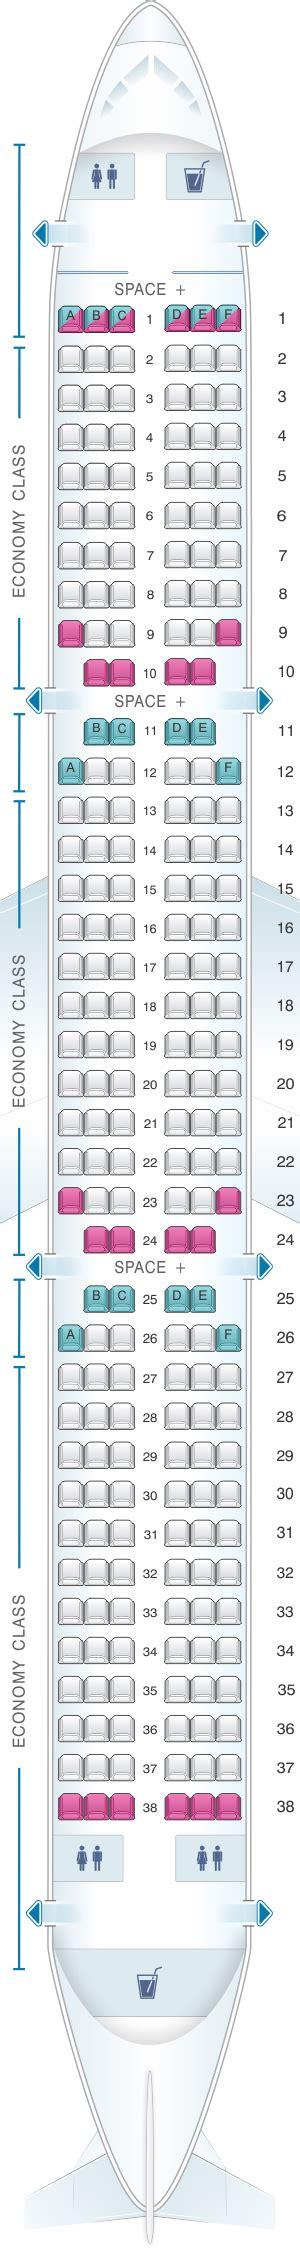 plan des sieges airbus a320 plan de cabine latam airlines brasil airbus a321